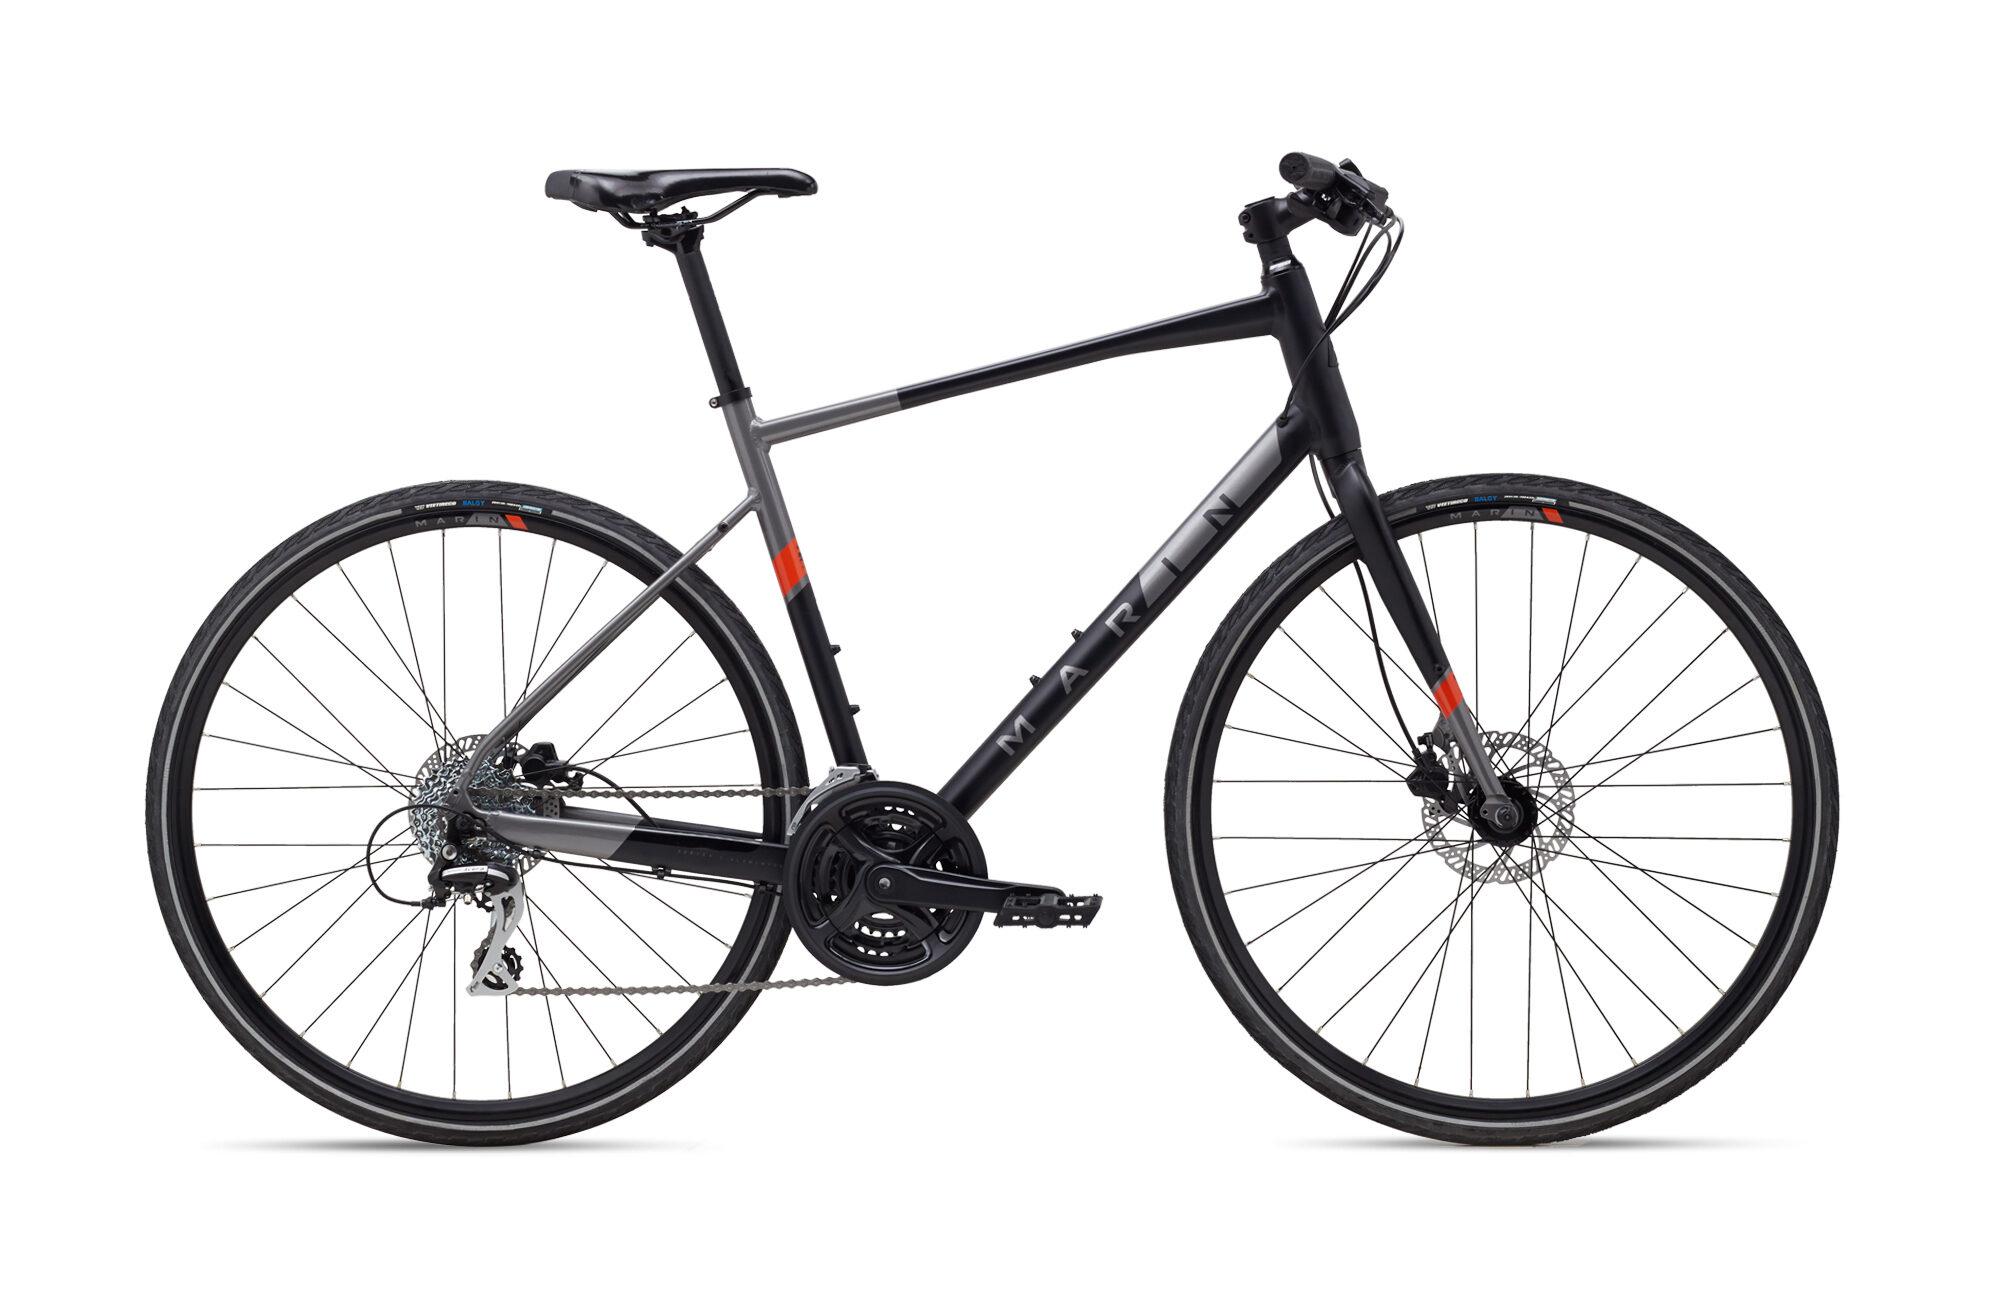 2021 Fairfax 2 Marin Bikes